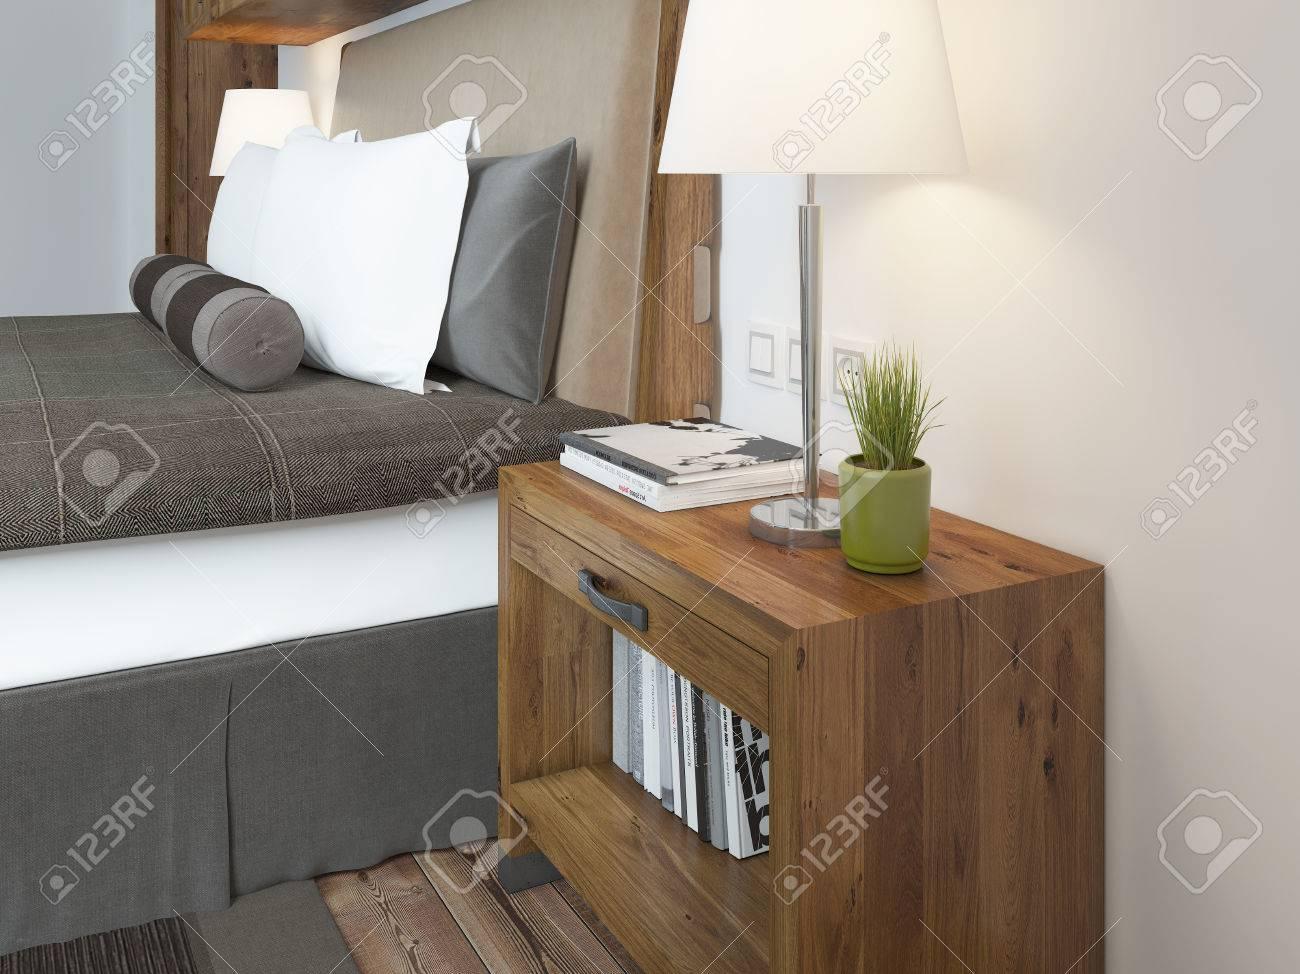 Holz Lampe Nachttisch